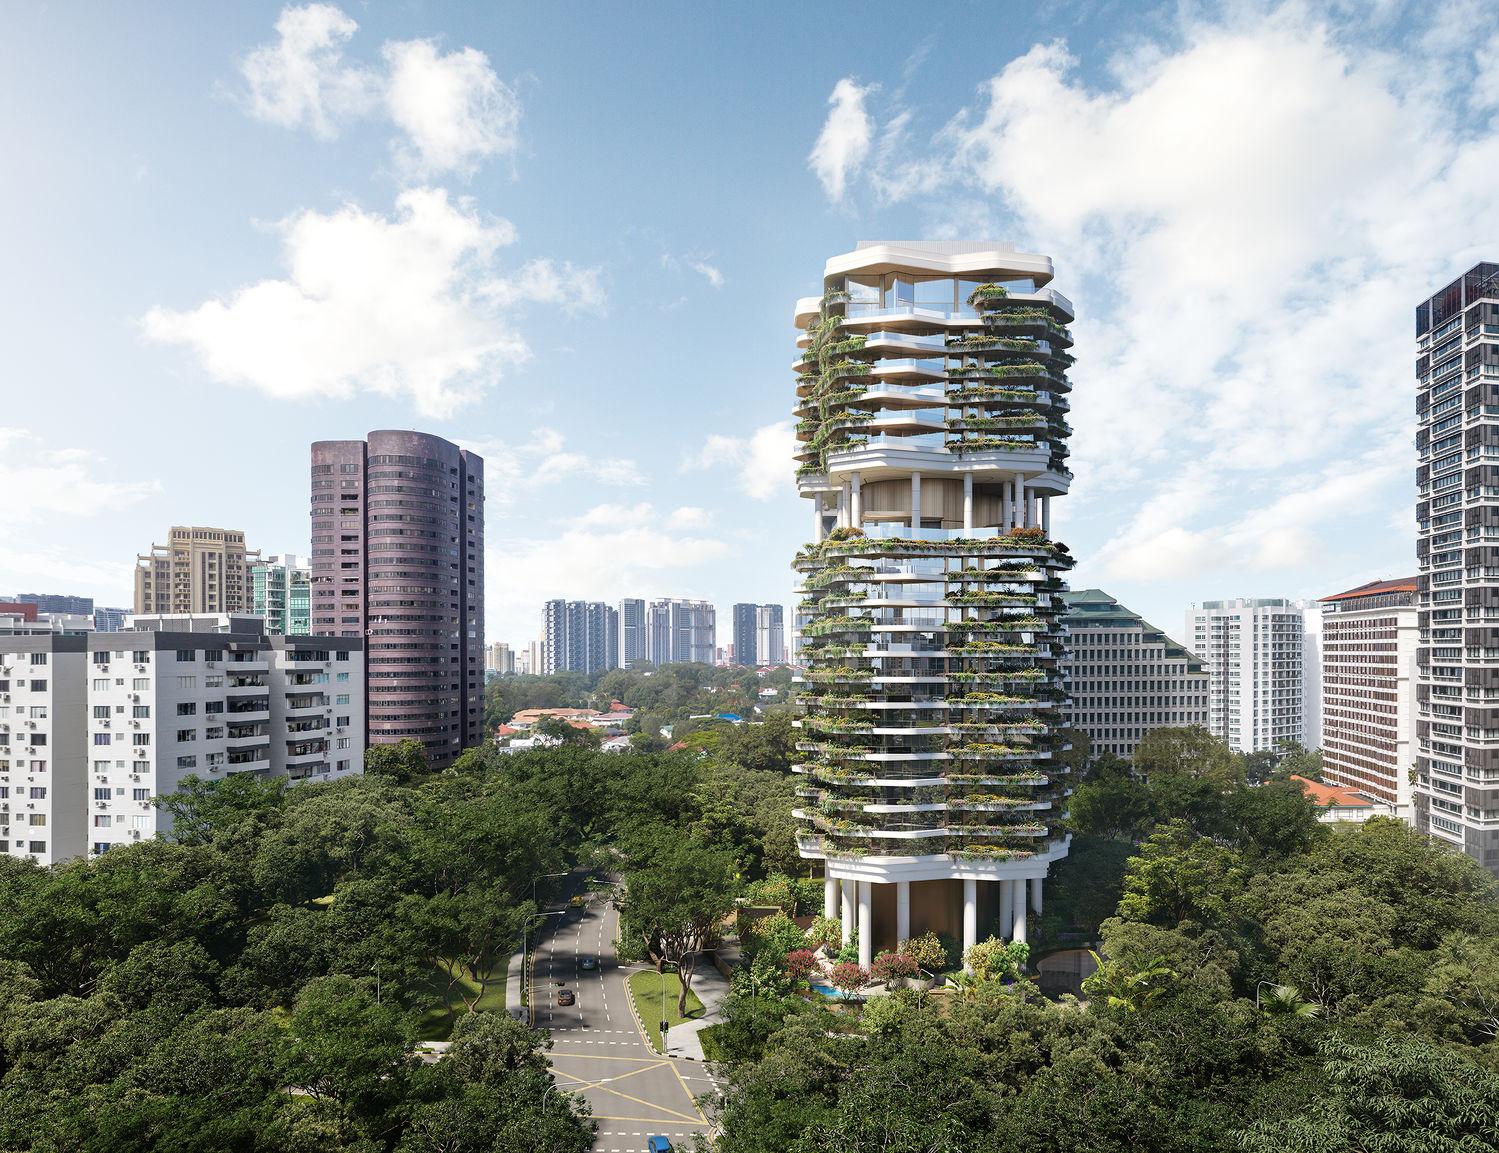 Park Nova - EDGEPROP SINGAPORE